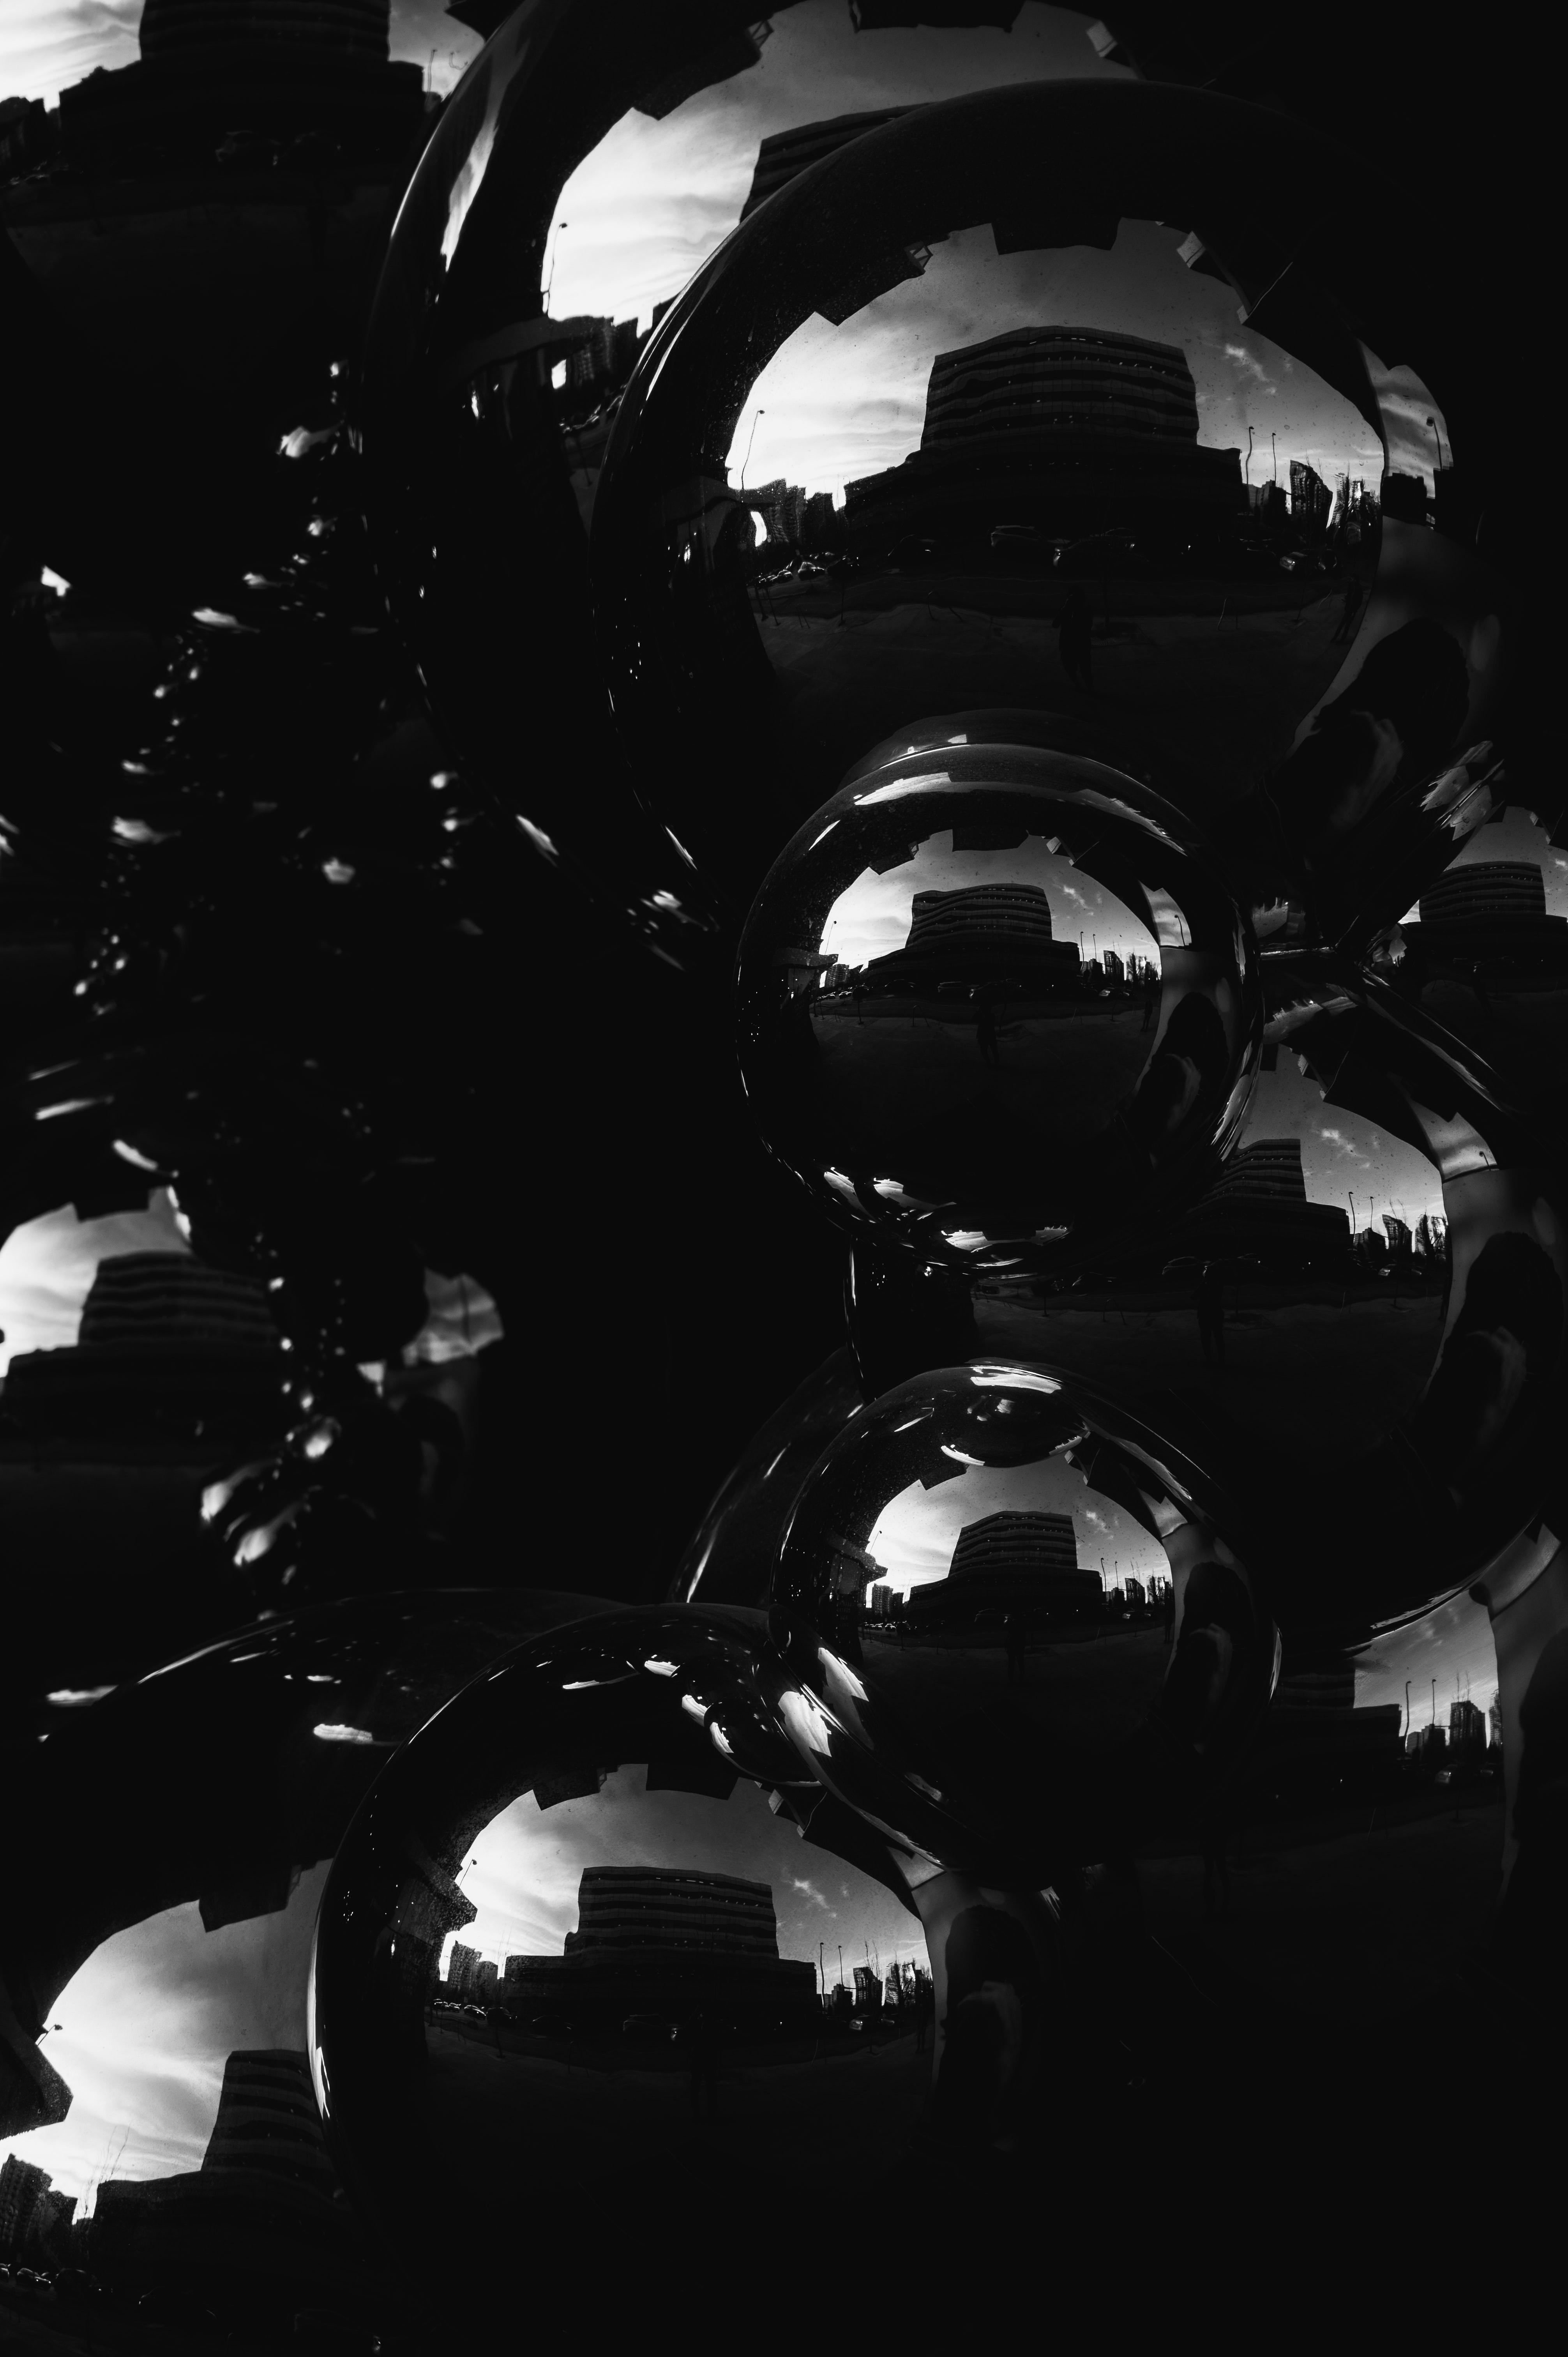 52259 baixar papel de parede Brilho, Clarão, Reflexão, Preto E Branco, Preto-E-Branco, O Preto, Bubbles - protetores de tela e imagens gratuitamente